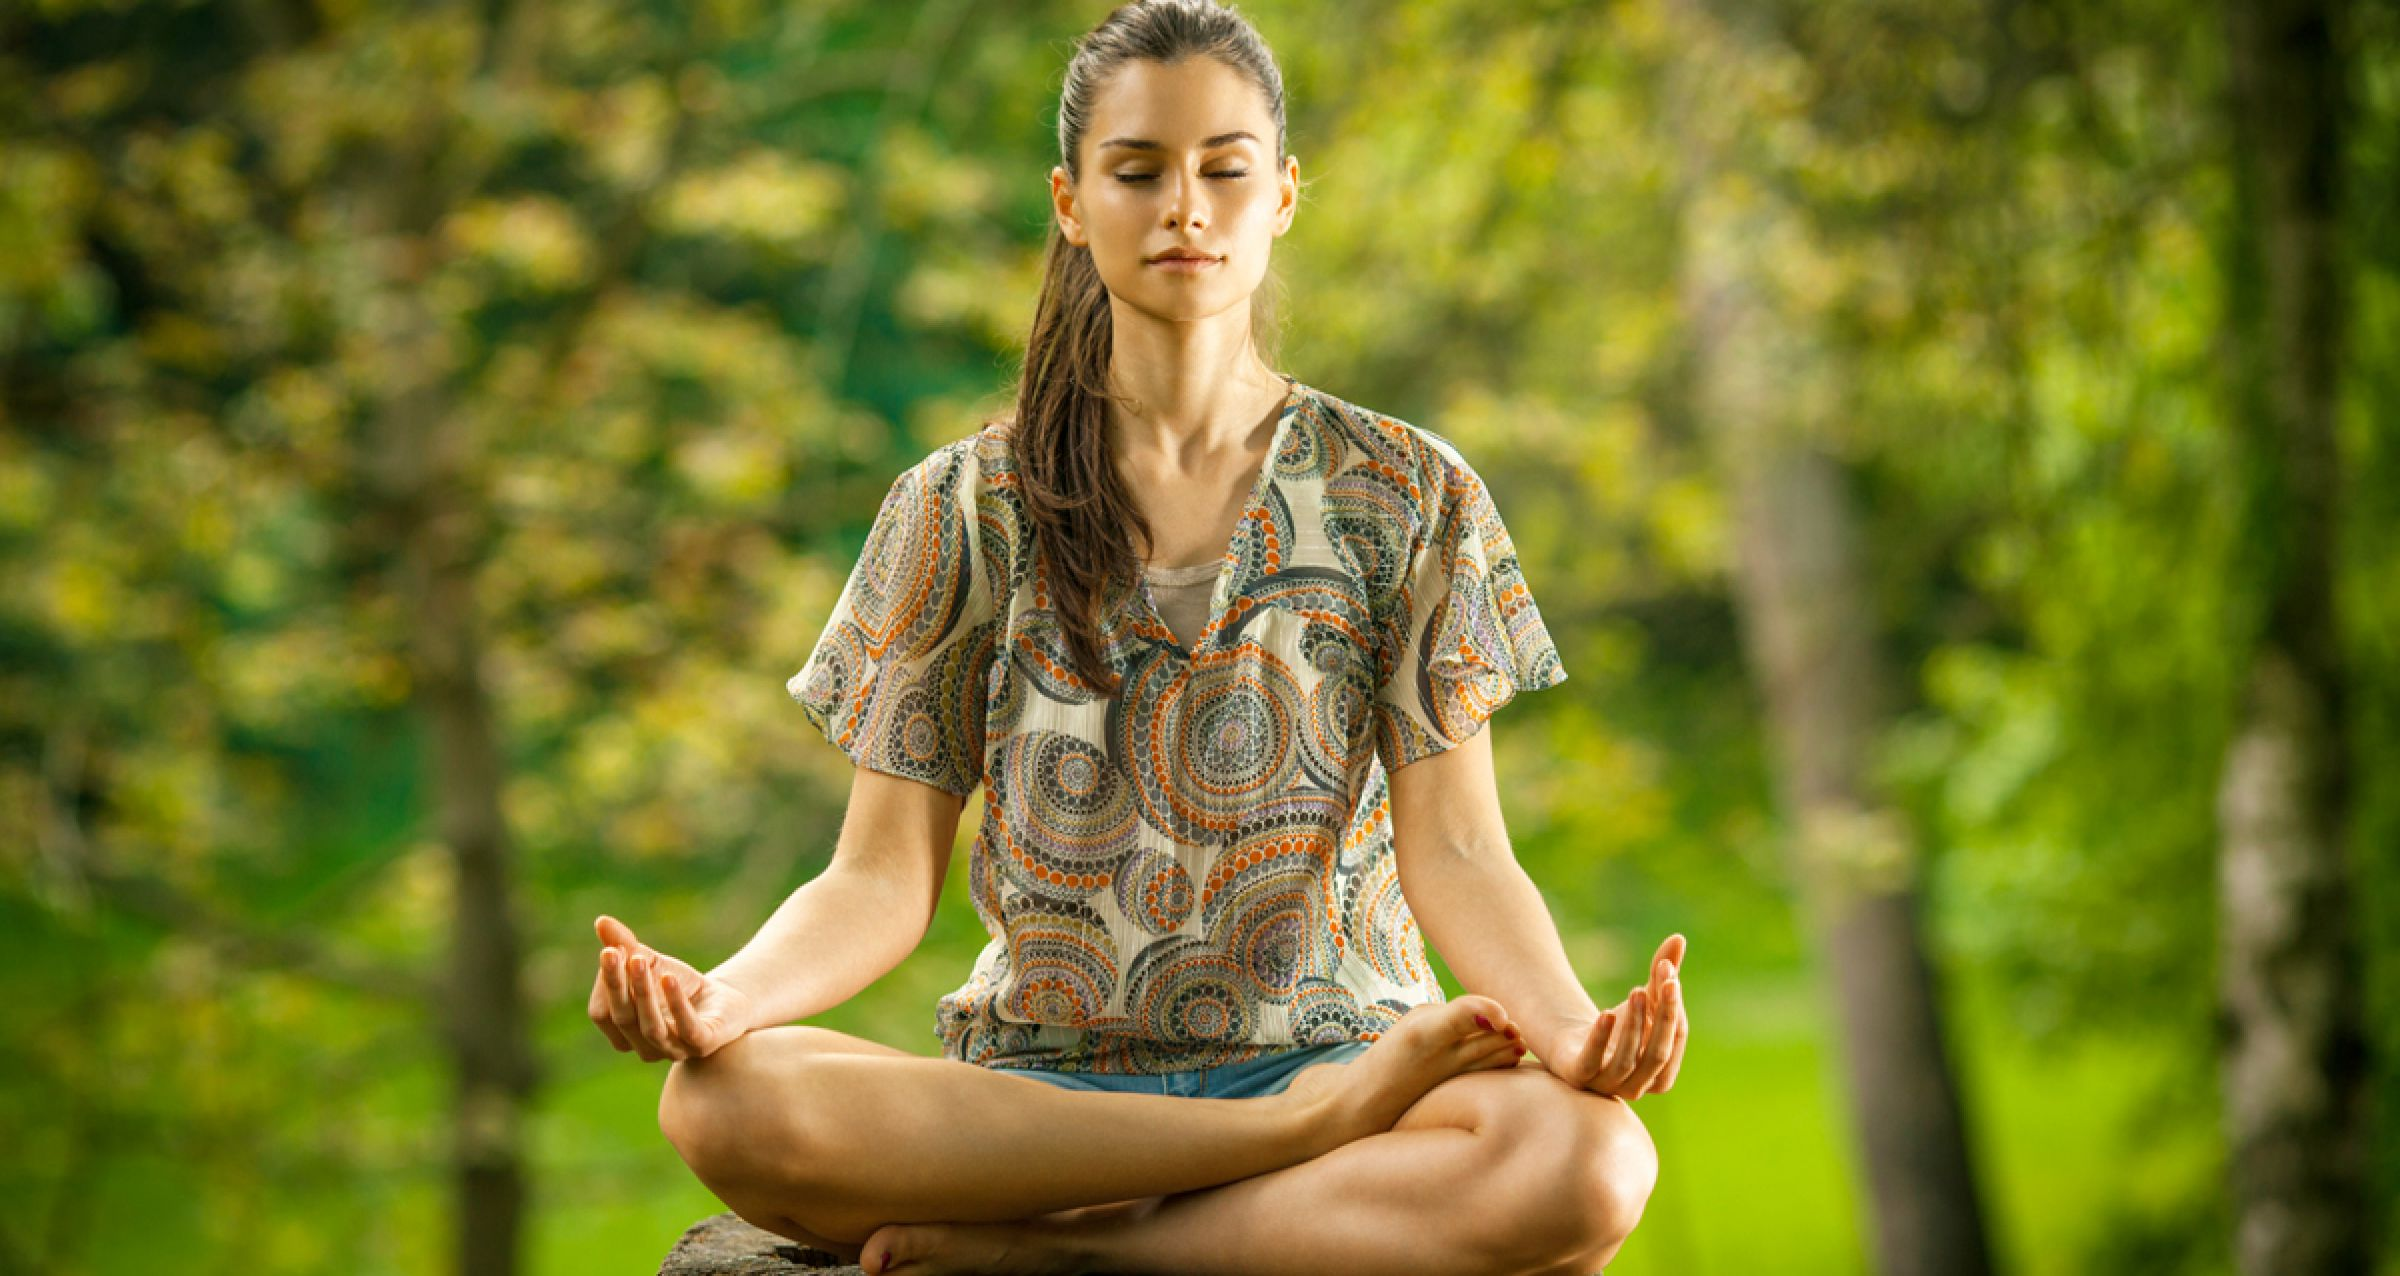 Мелодии И Медитации Для Похудения.